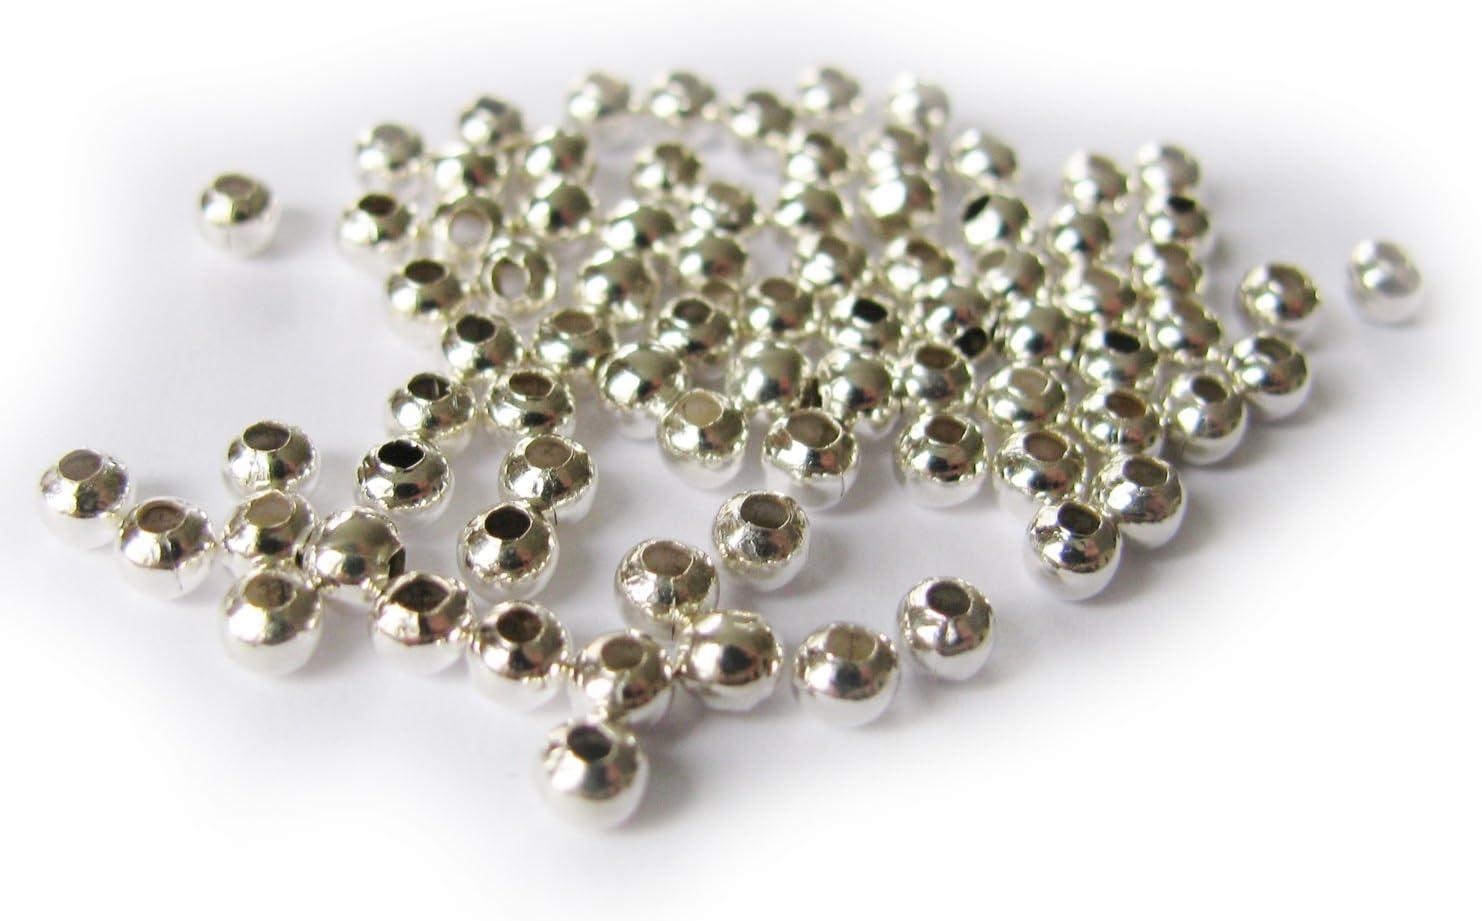 100 kleine Zwischenperlen in silberfarben 3 mm